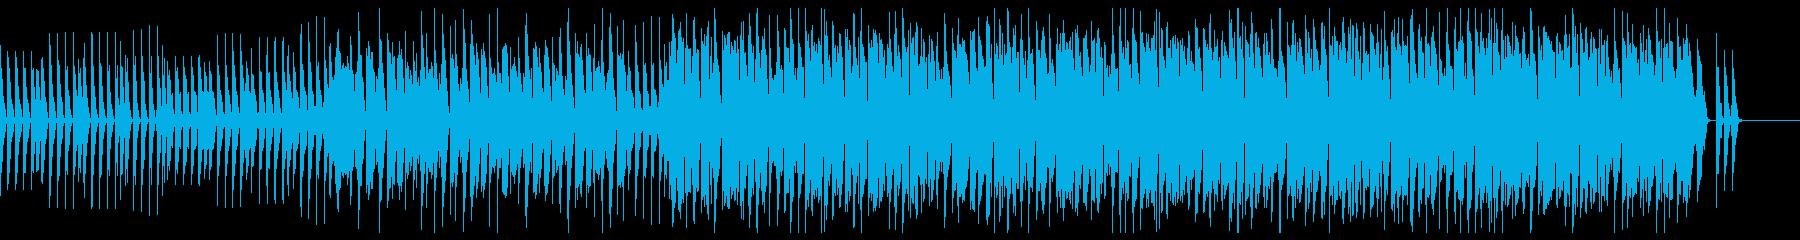 モダンで先鋭的オシャレなハウス・ミニマルの再生済みの波形